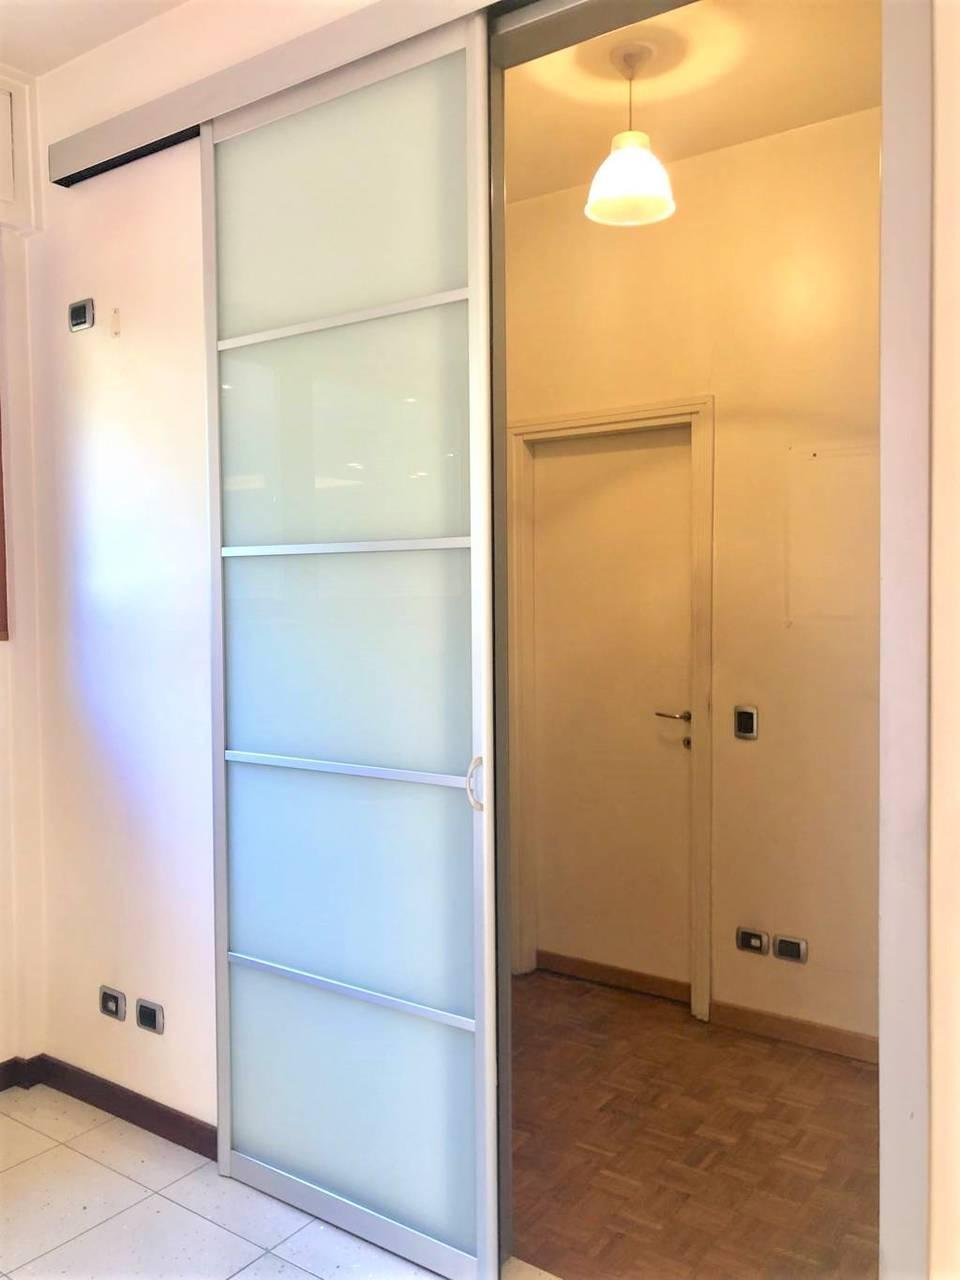 Appartamento-4-locali-Vimercate-in-vendita-11